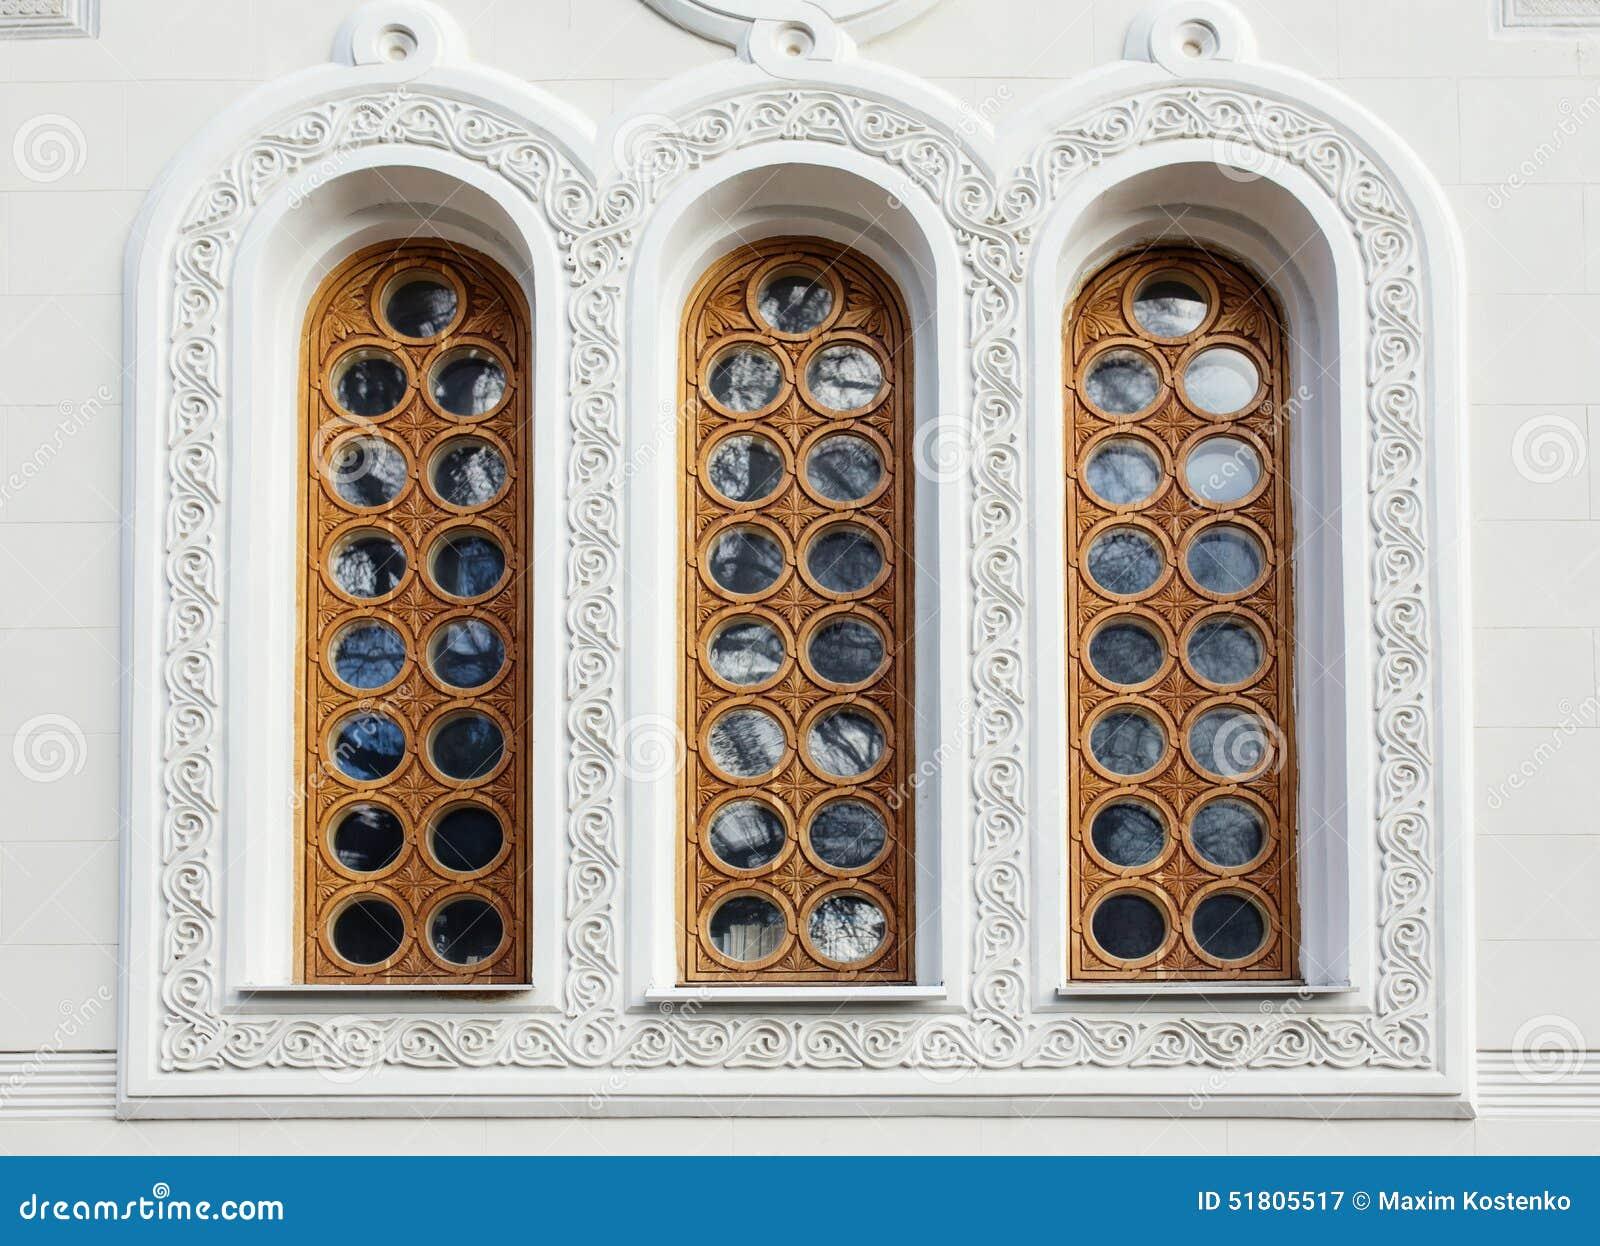 Des fenêtres d'hier et d'aujourd'hui. - Page 4 Architecture-et-fen%C3%AAtres-du-b%C3%A2timent-de-style-de-la-renaissance-51805517